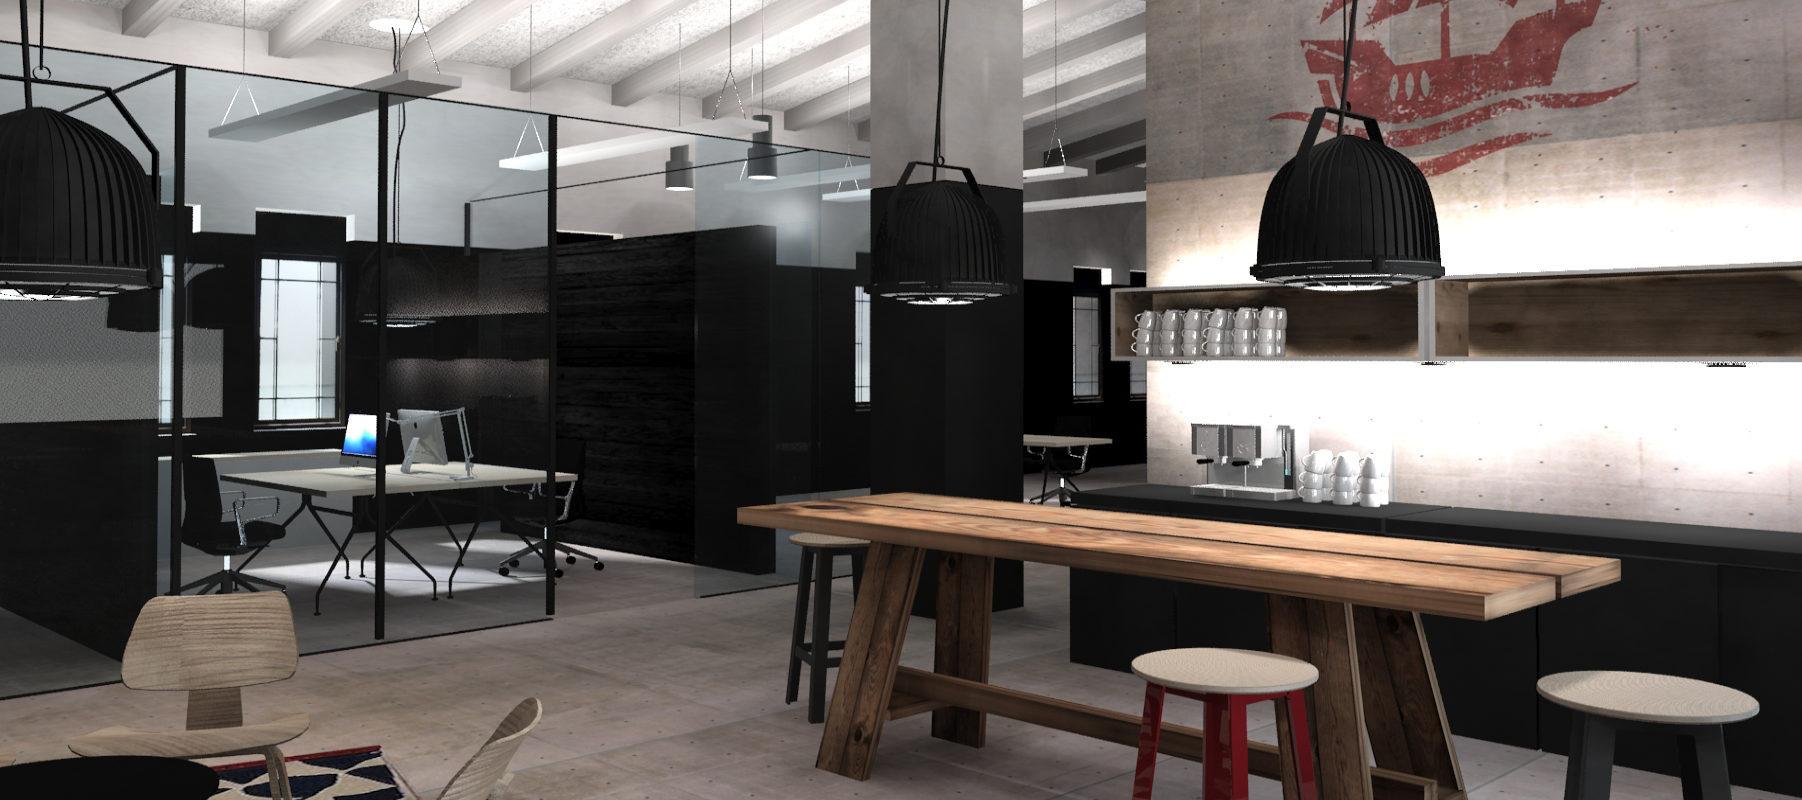 Büro-Design Gestaltung der Mitarbeiterräume